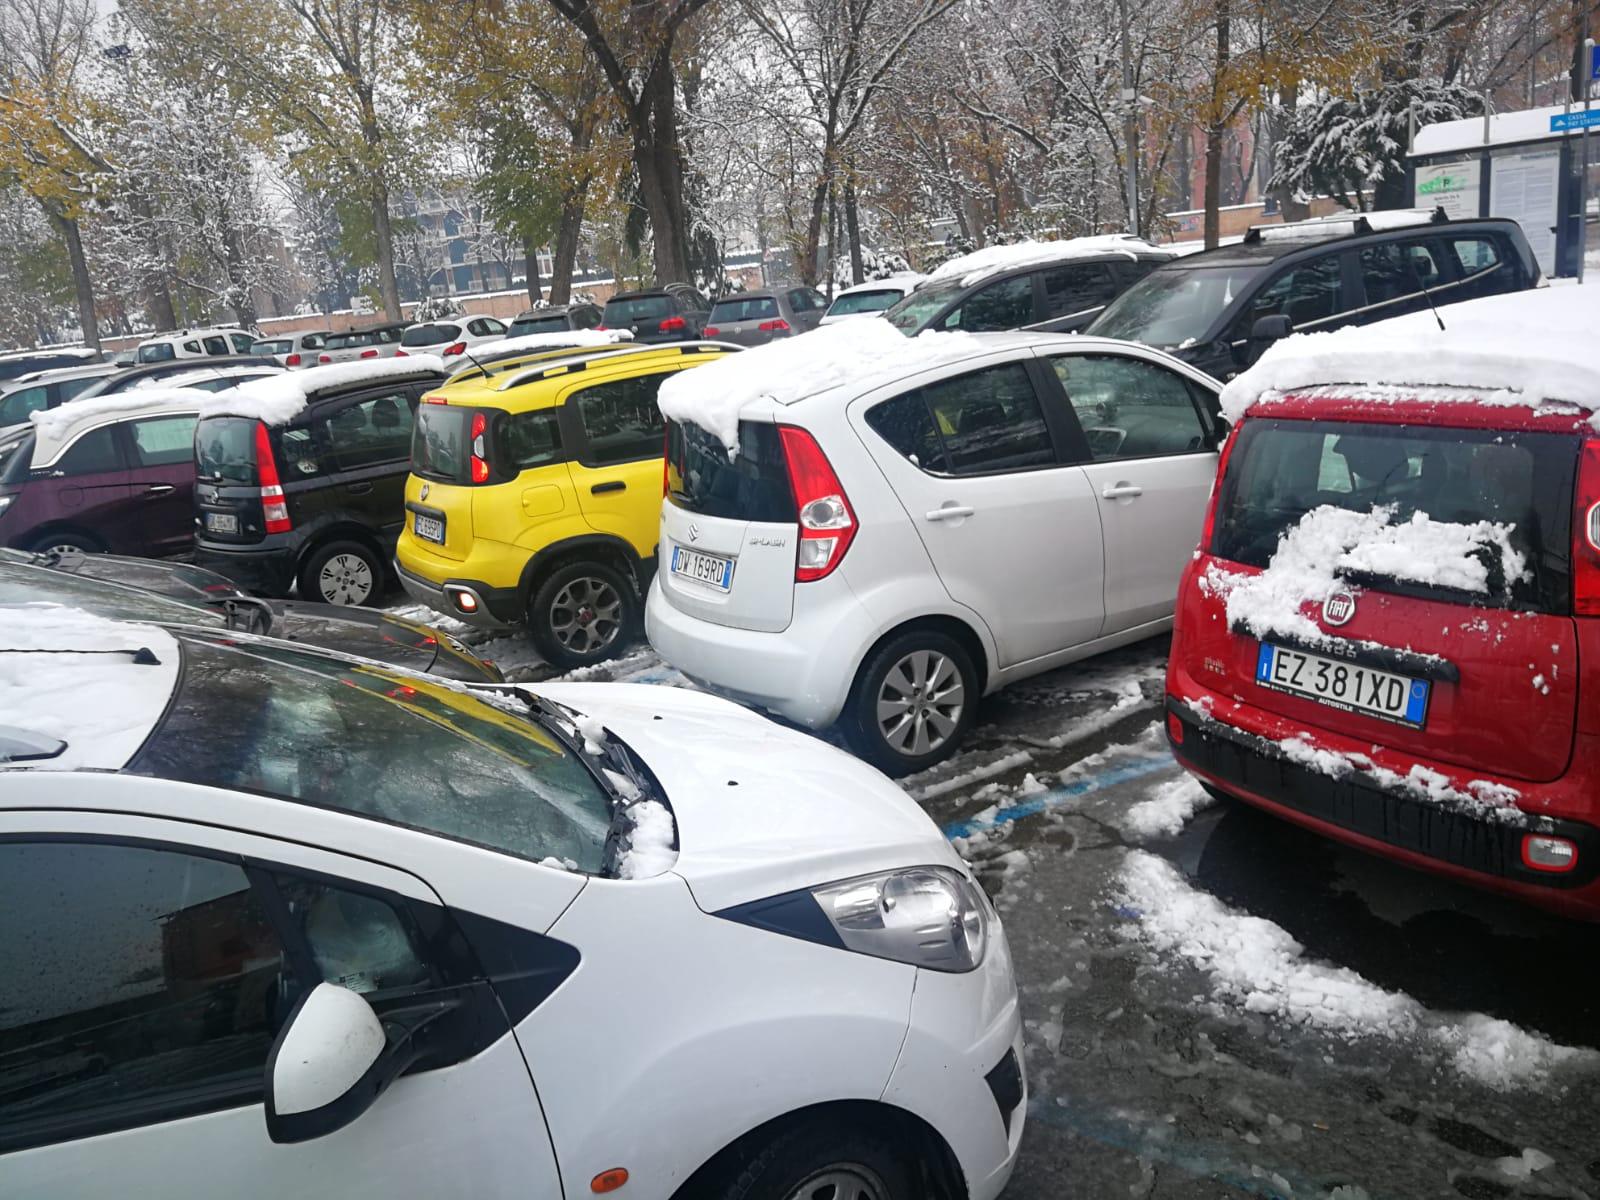 parcheggio-selvaggio-zucchi-reggio-emilia-neve-5